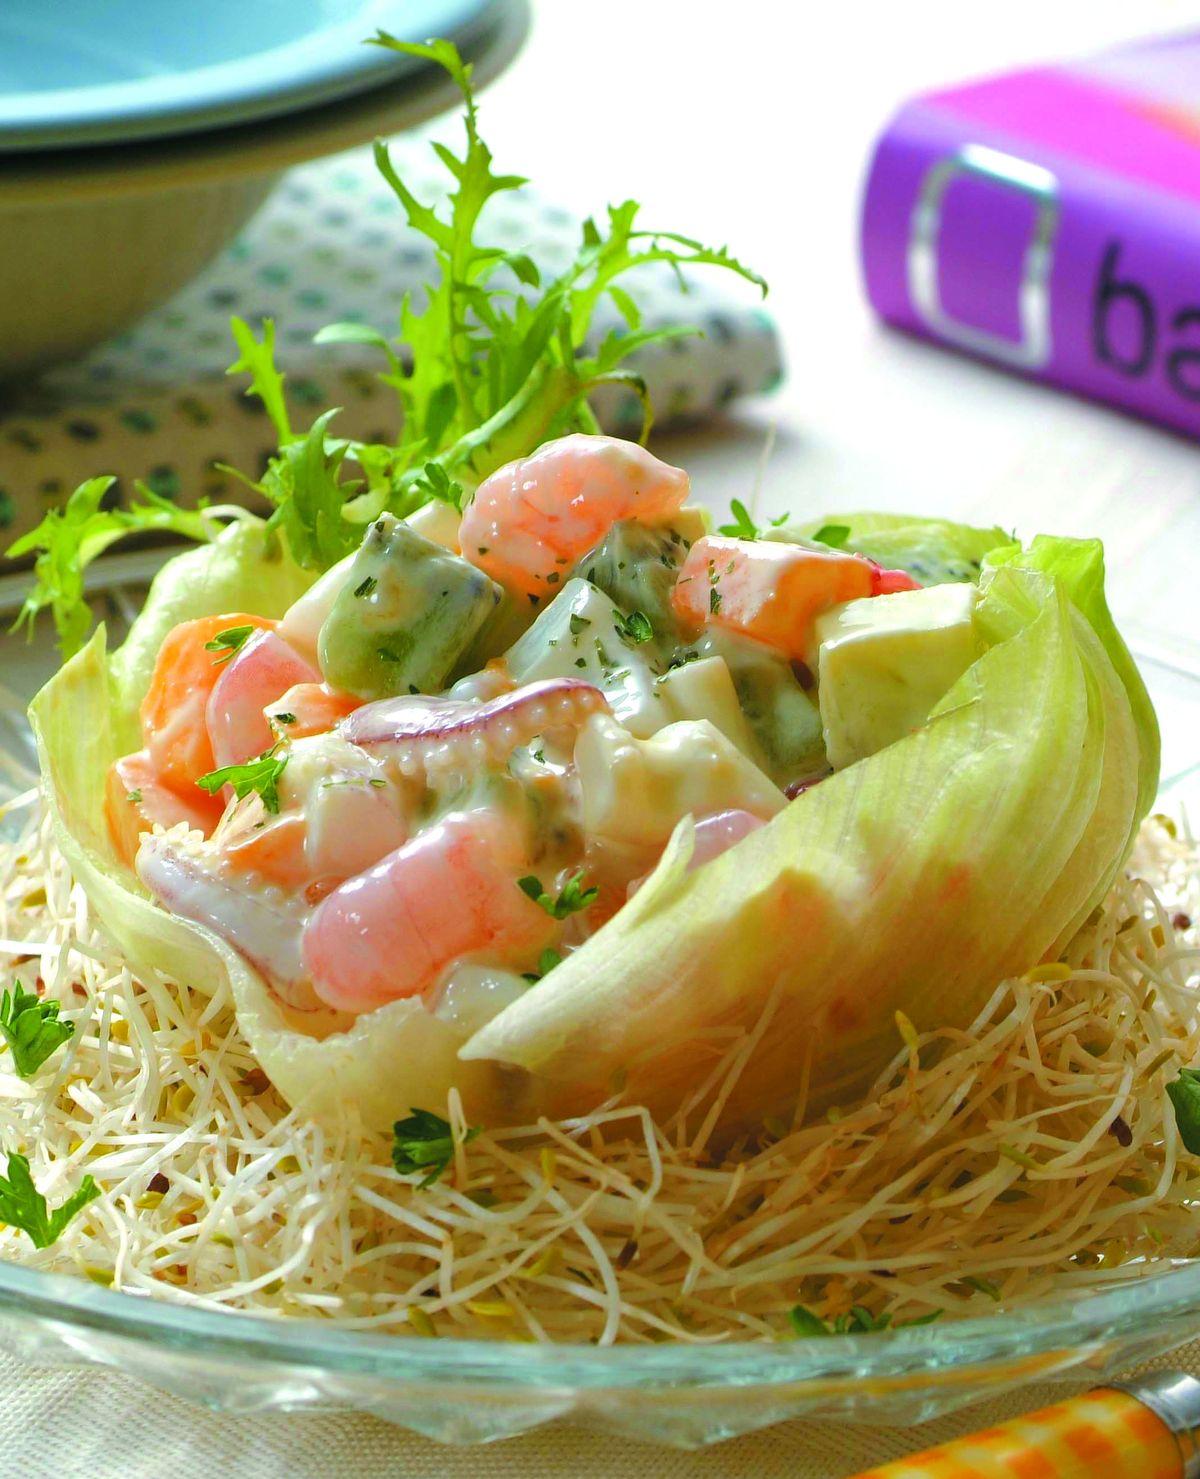 食譜:水果海鮮沙拉盞